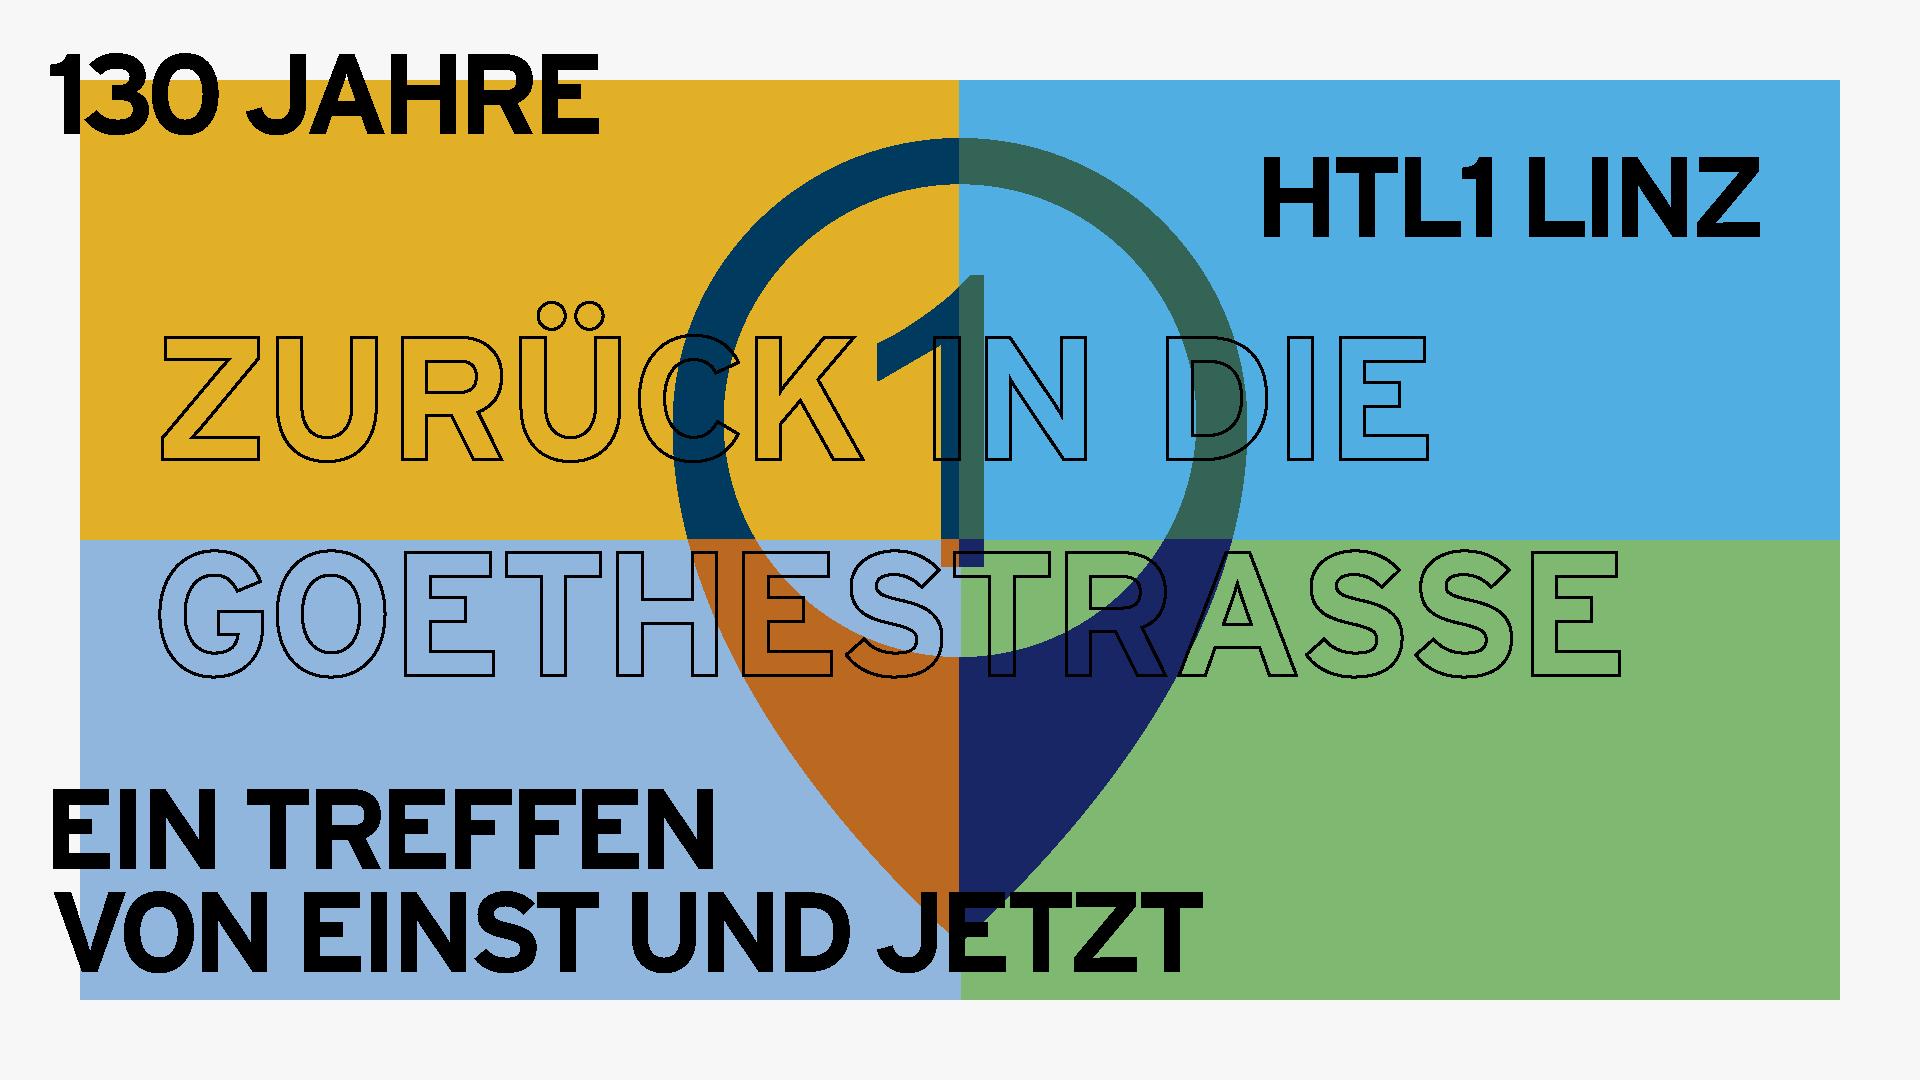 130-Jahr-Feier der HTL1 Bau und Design Linz